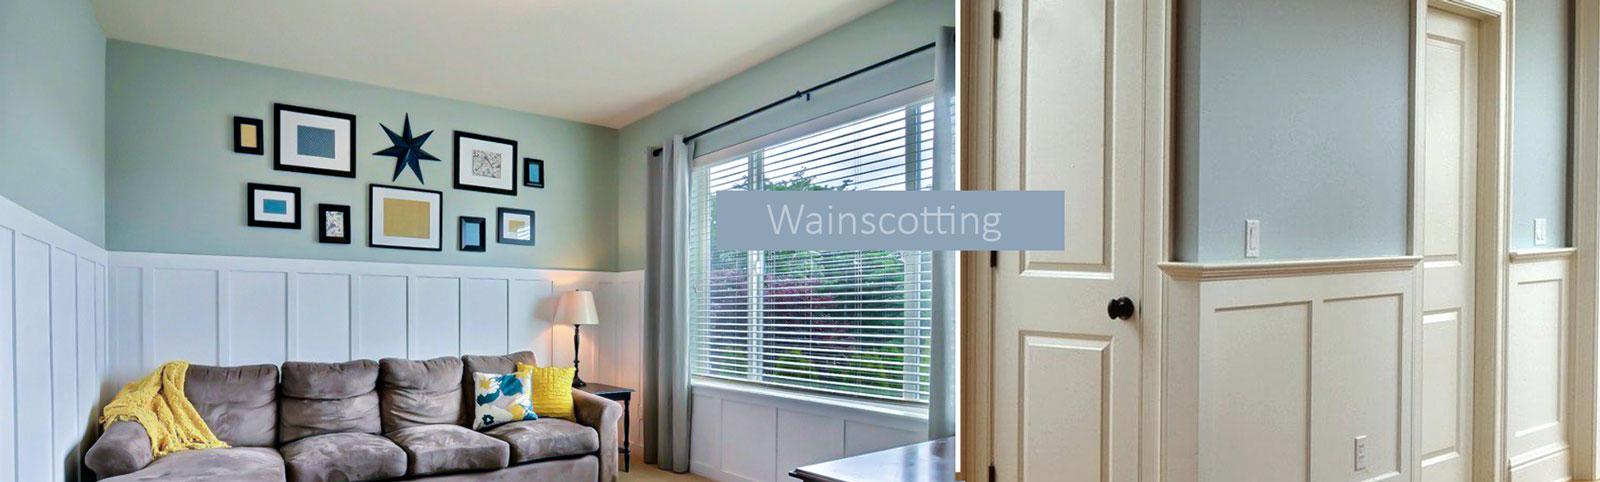 decorasion change5 - ترفندهای کم هزینه برای تغییر دکوراسیون منزل